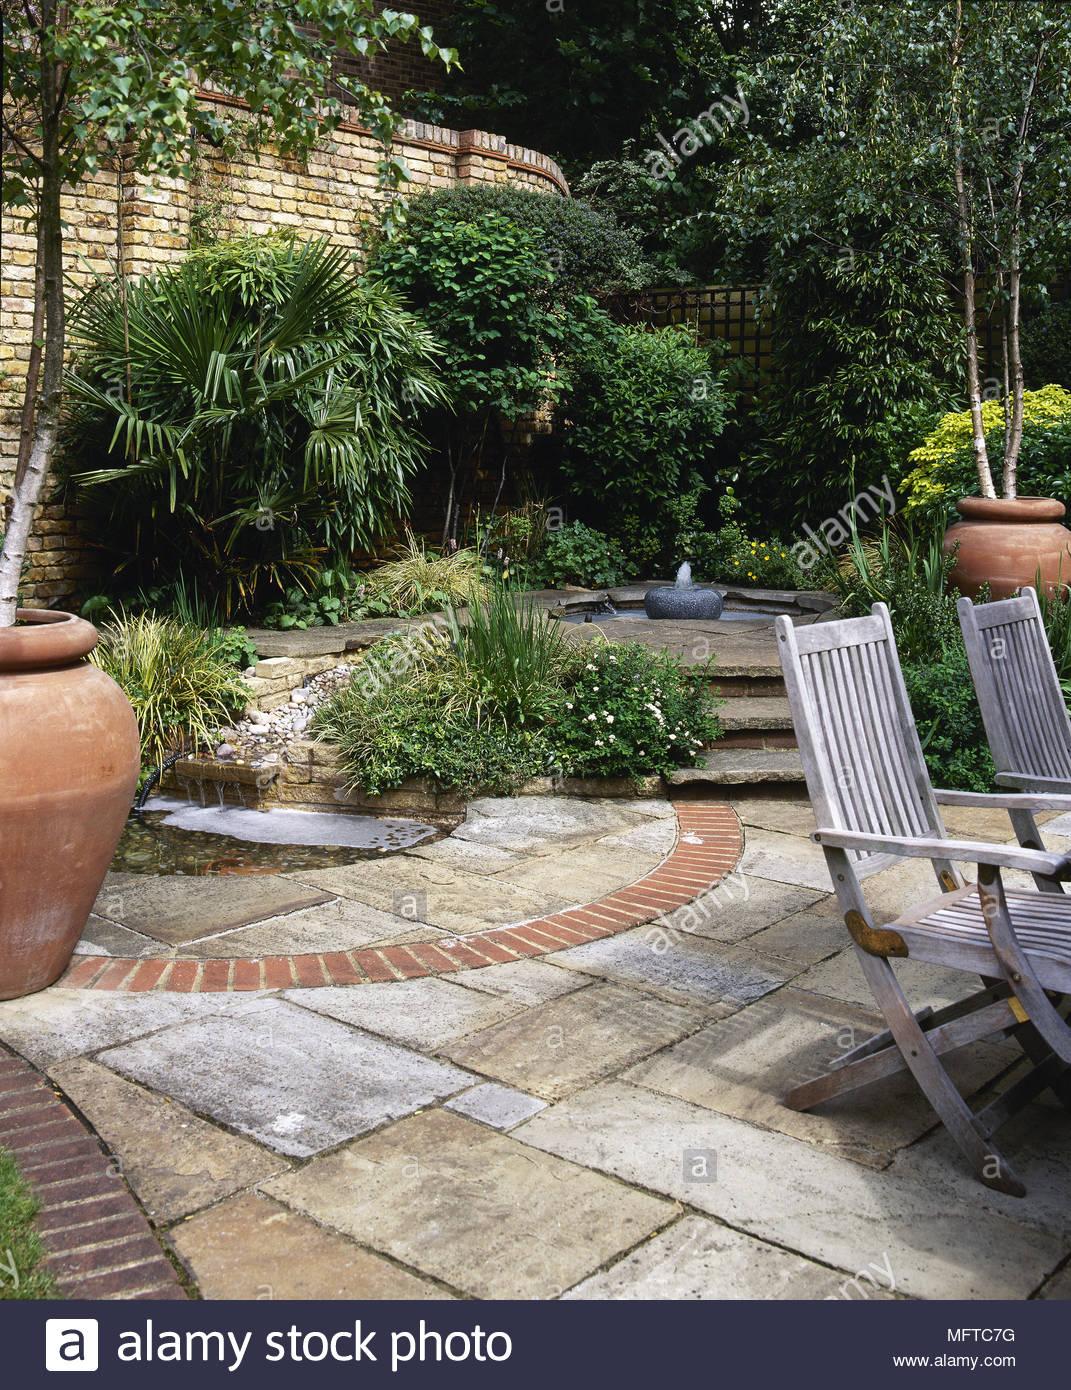 privater garten mit topfpflanzen stein fliesen terrasse und schritte bis zu einem teich mftc7g